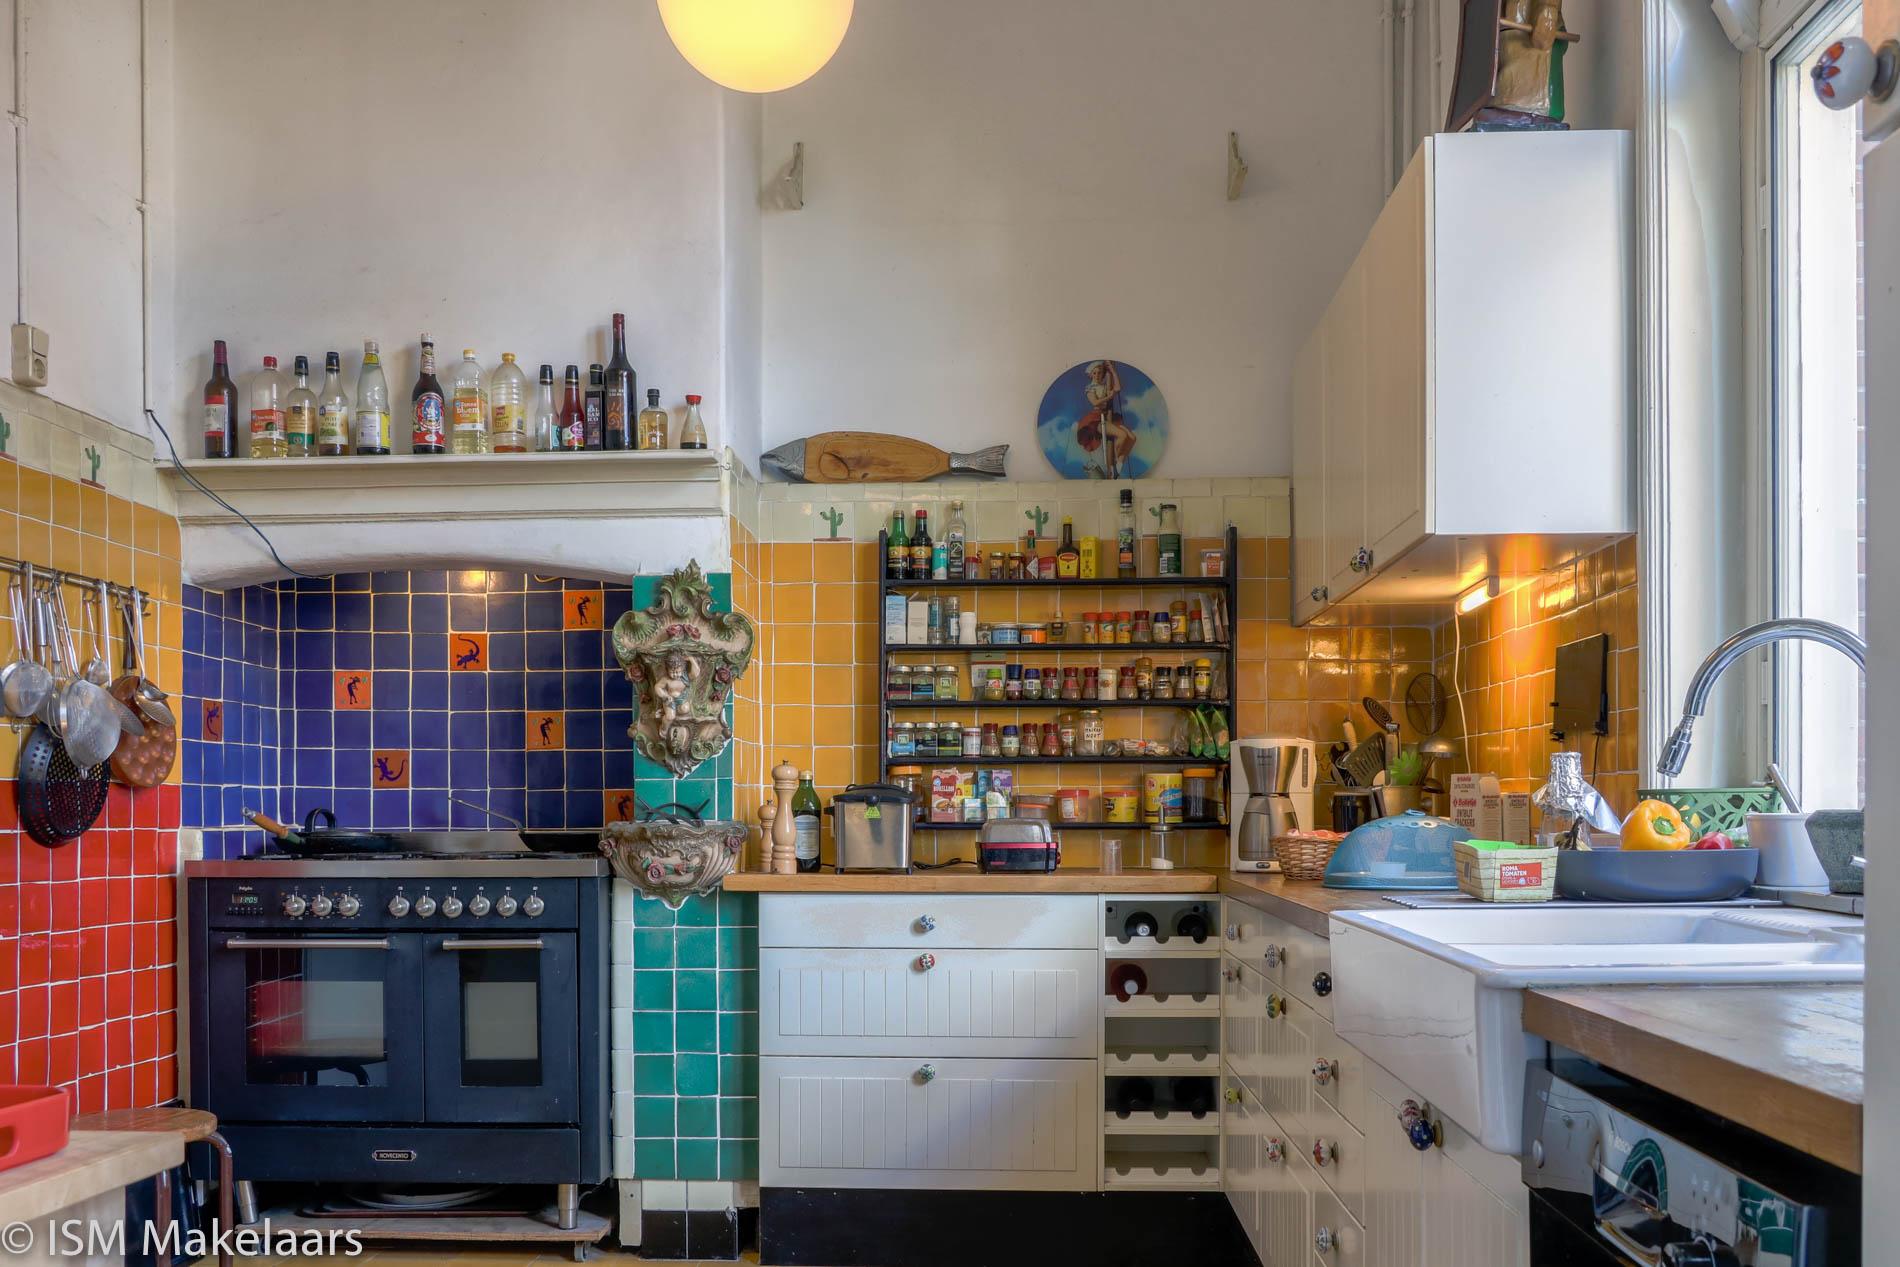 keuken damstraat 19 yerseke ISM Makelaars